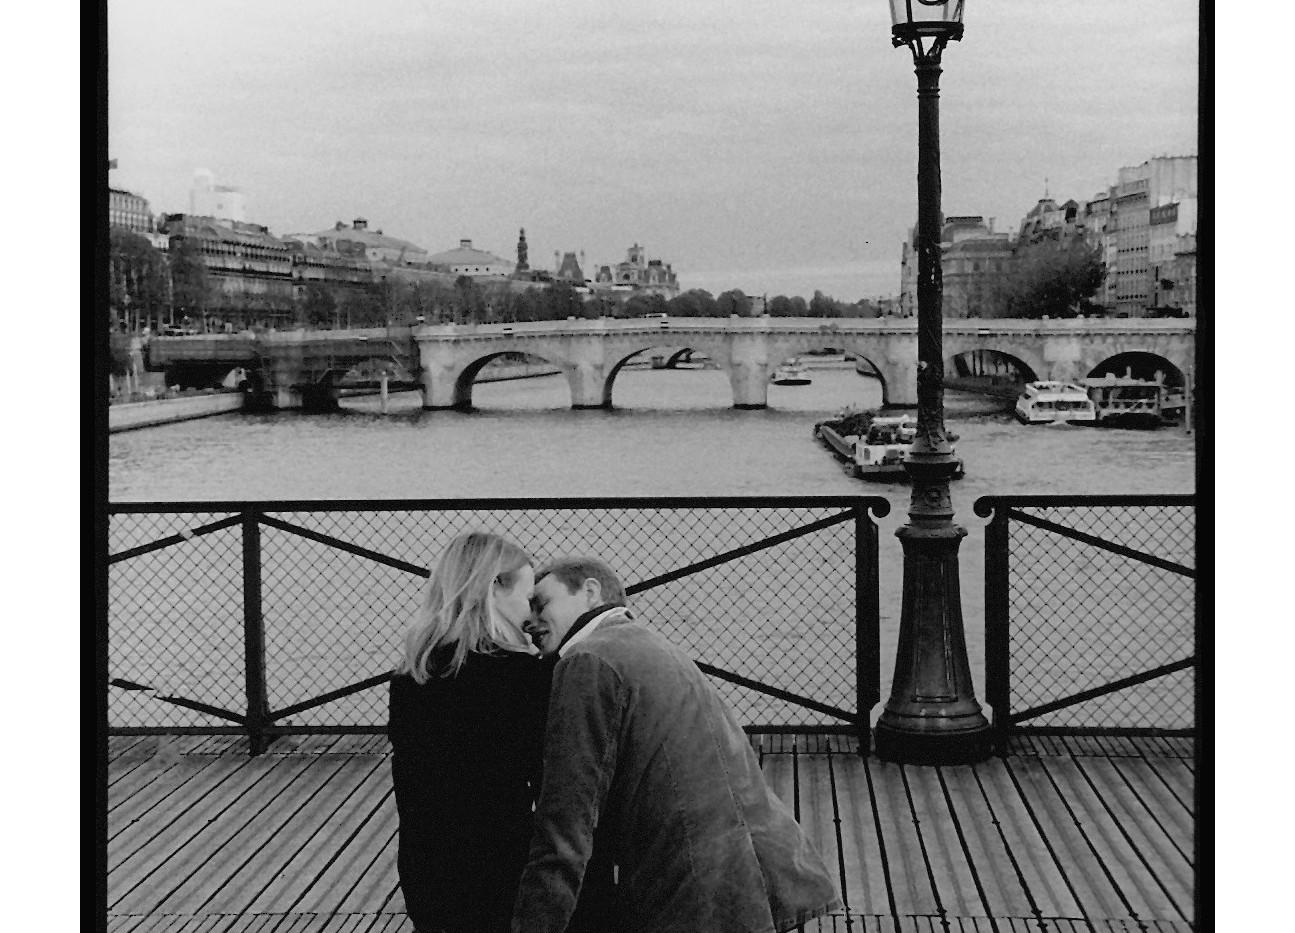 33  - 2006 - PARIS Le Pont des Arts.jpg